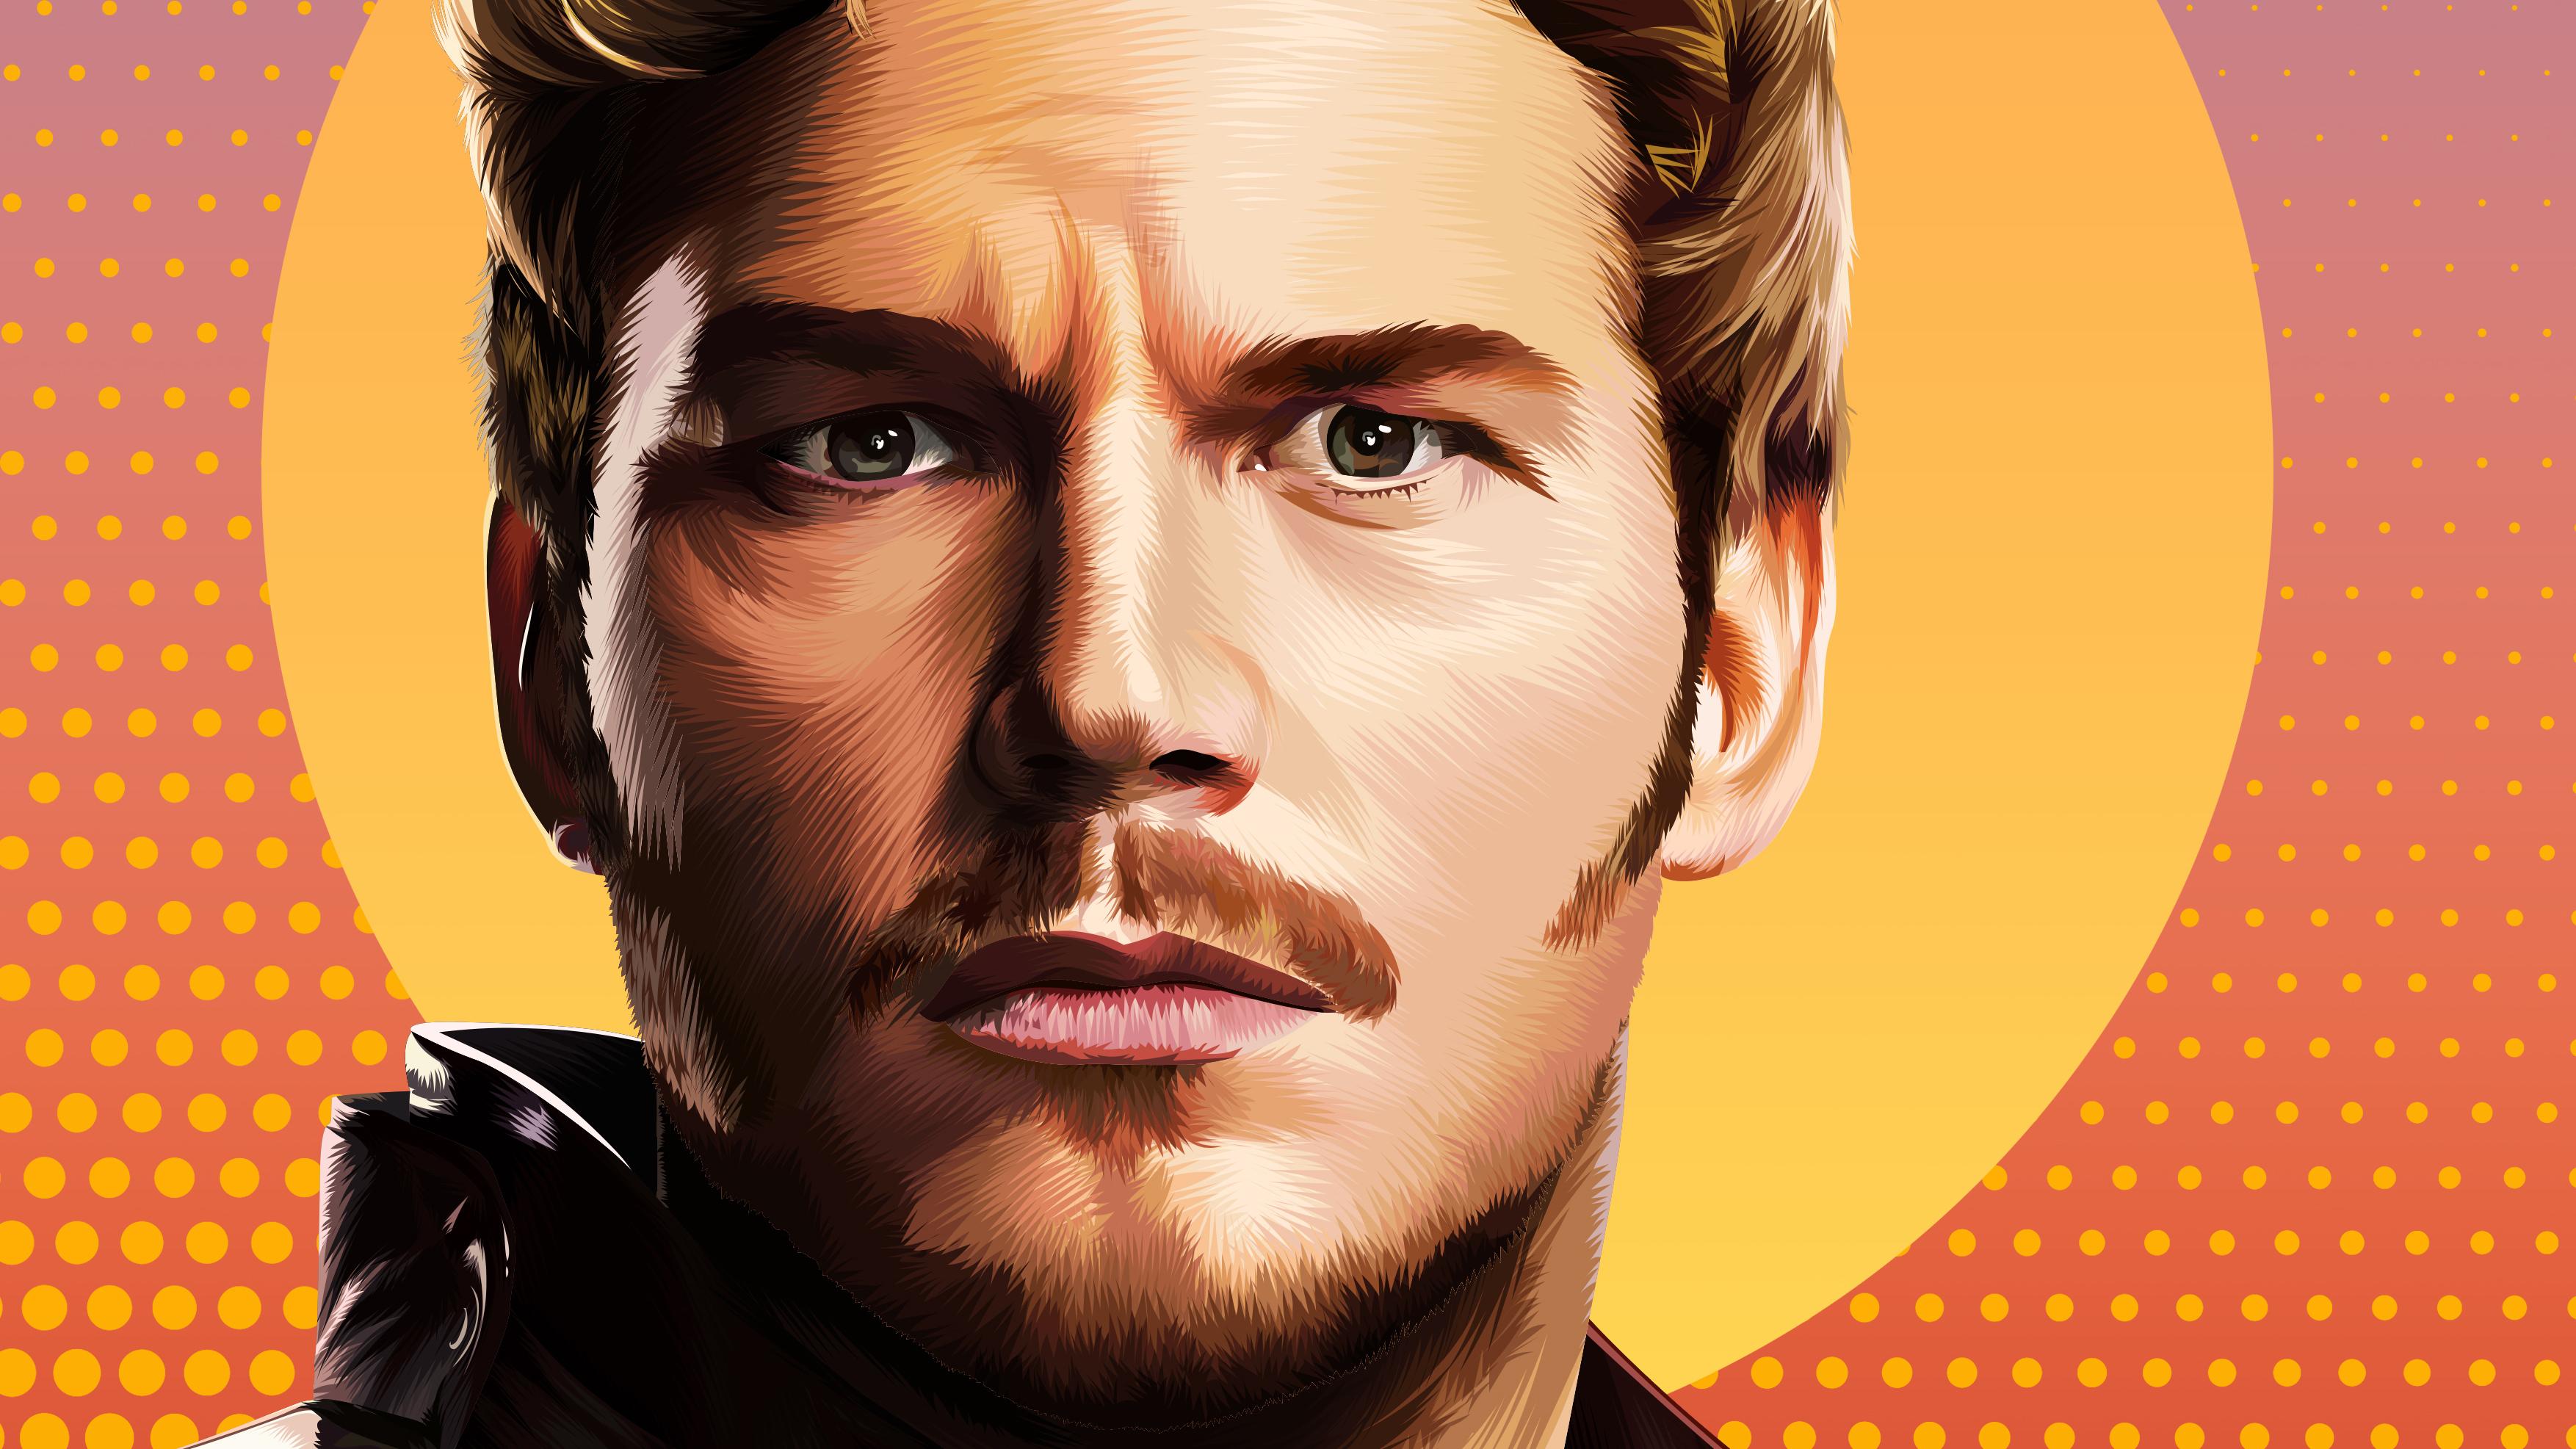 Star Lord Chris Pratt Hd Superheroes 4k Wallpapers Images